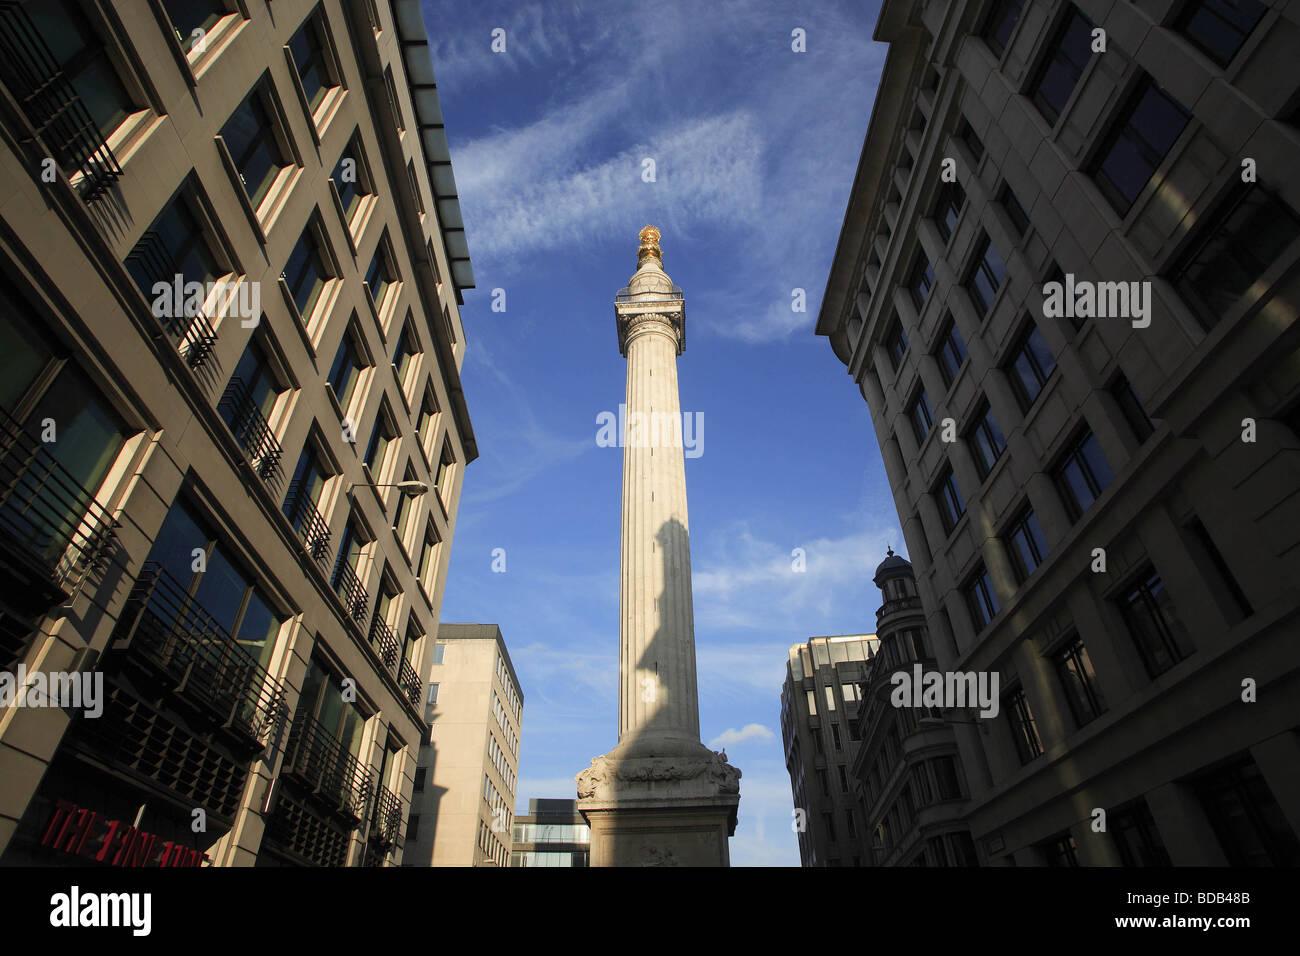 Das Denkmal für den großen Brand von London 1666 in Pudding Lane gegründet Stockbild